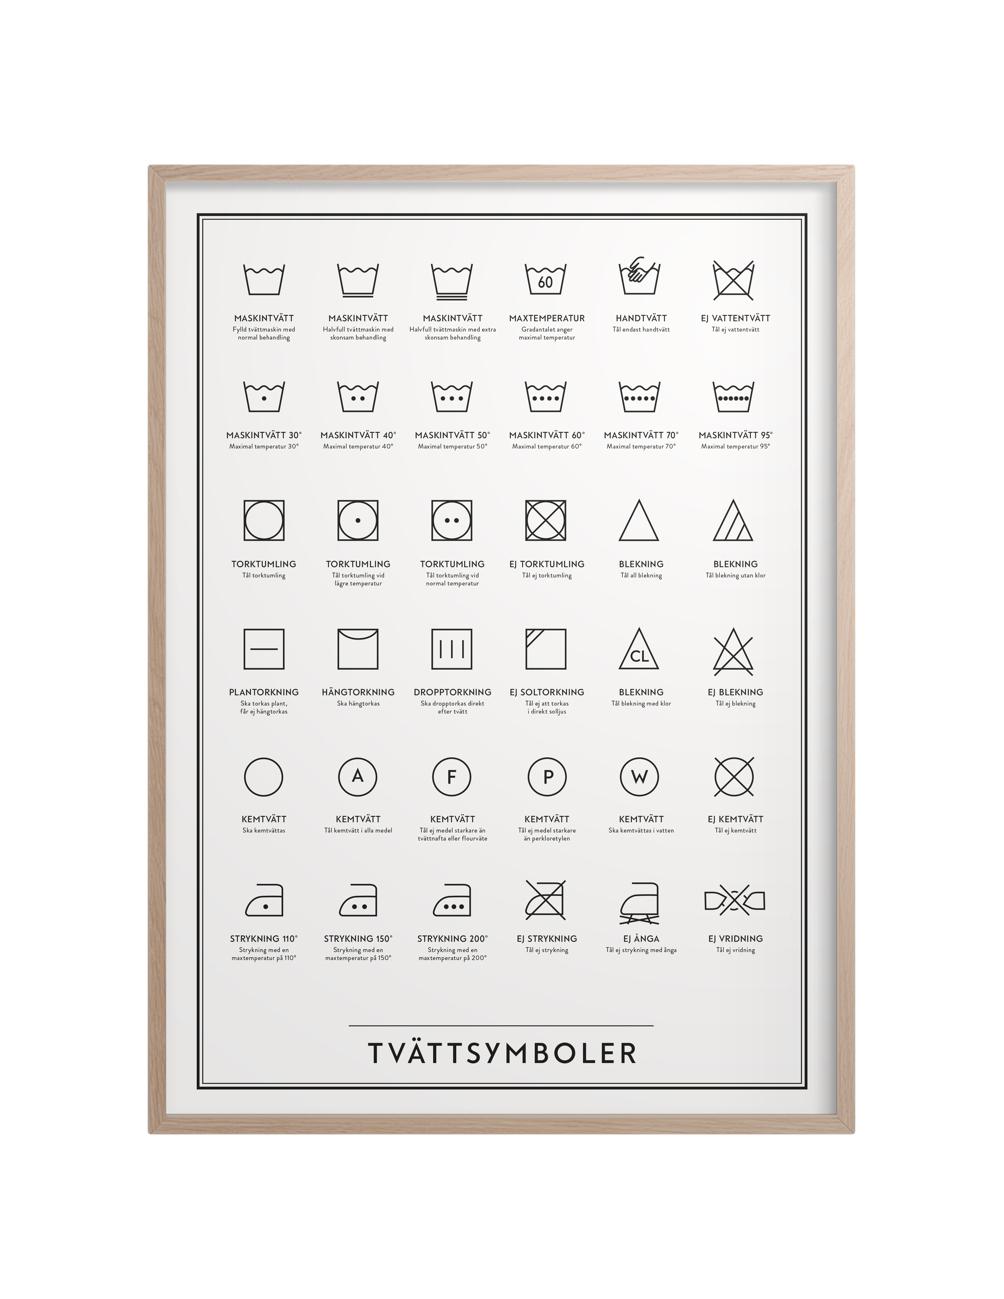 Tvättsymboler poster